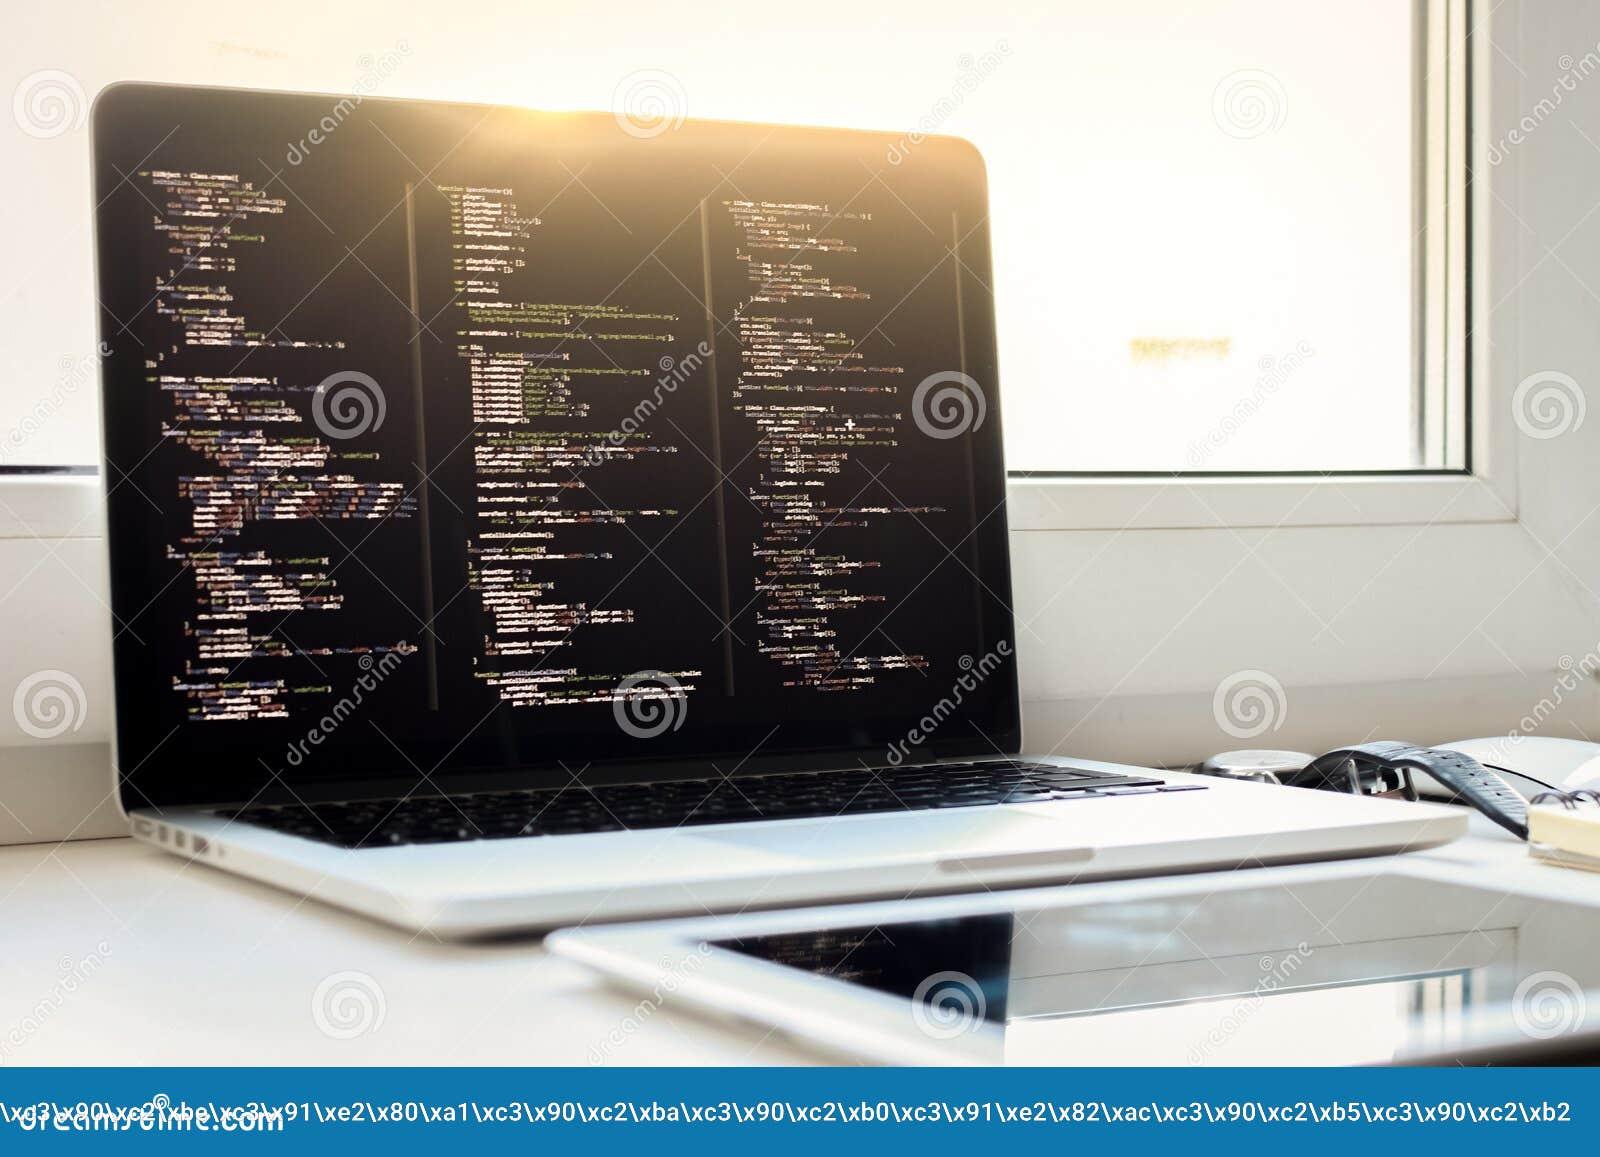 Js-Code auf Laptopschirm, Web-Entwicklung